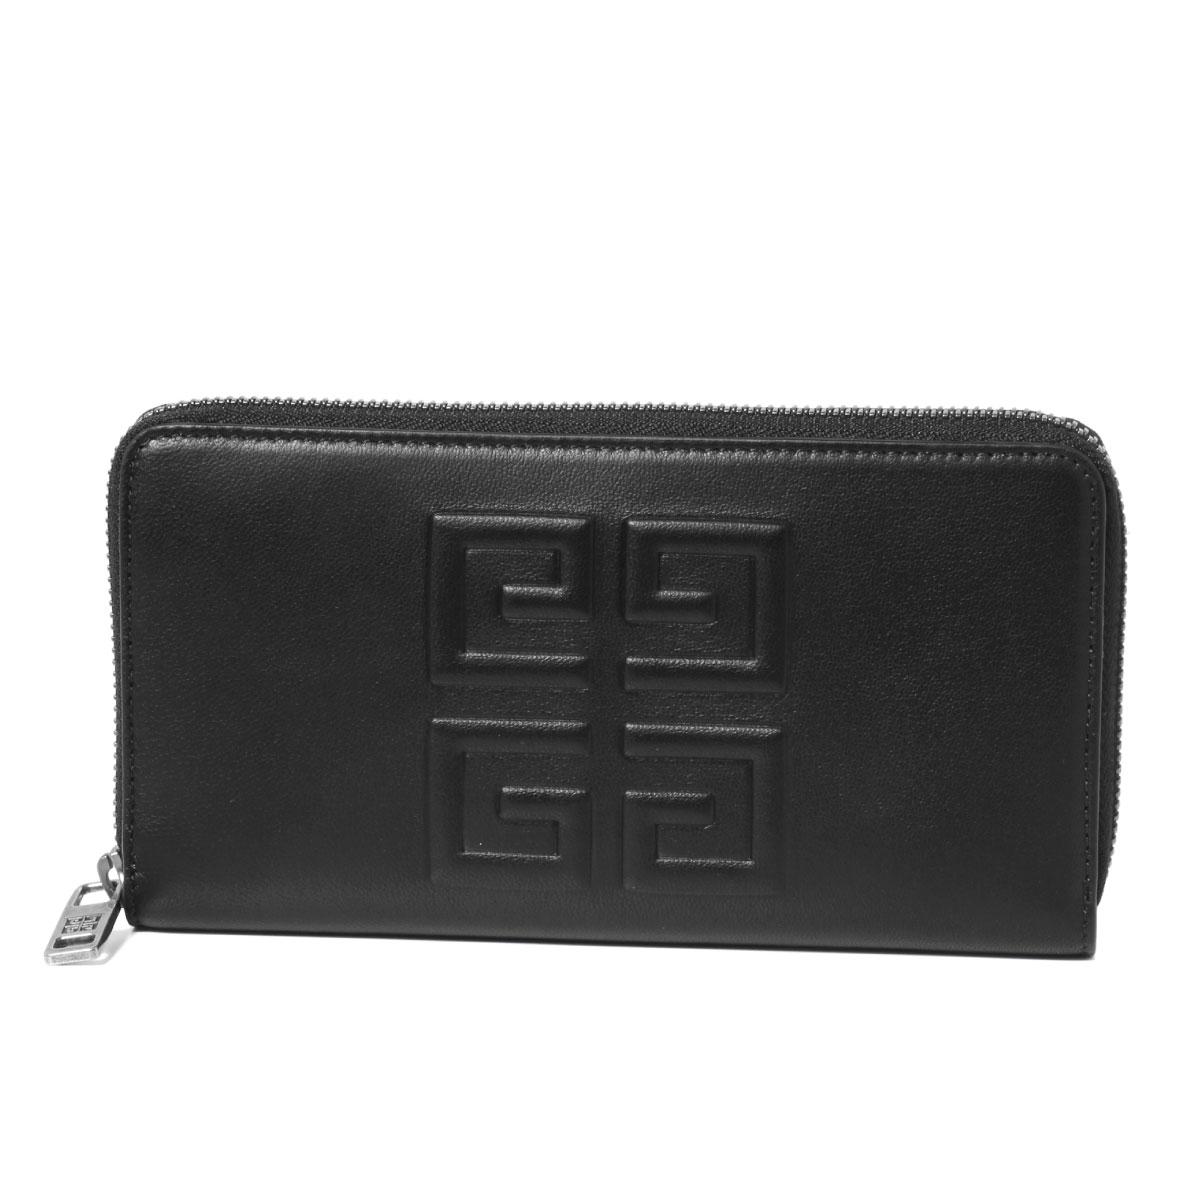 ジバンシー GIVENCHY 財布 メンズ BK600GK0BA 016 ラウンドファスナー長財布 BLACK/KHAKI ブラック